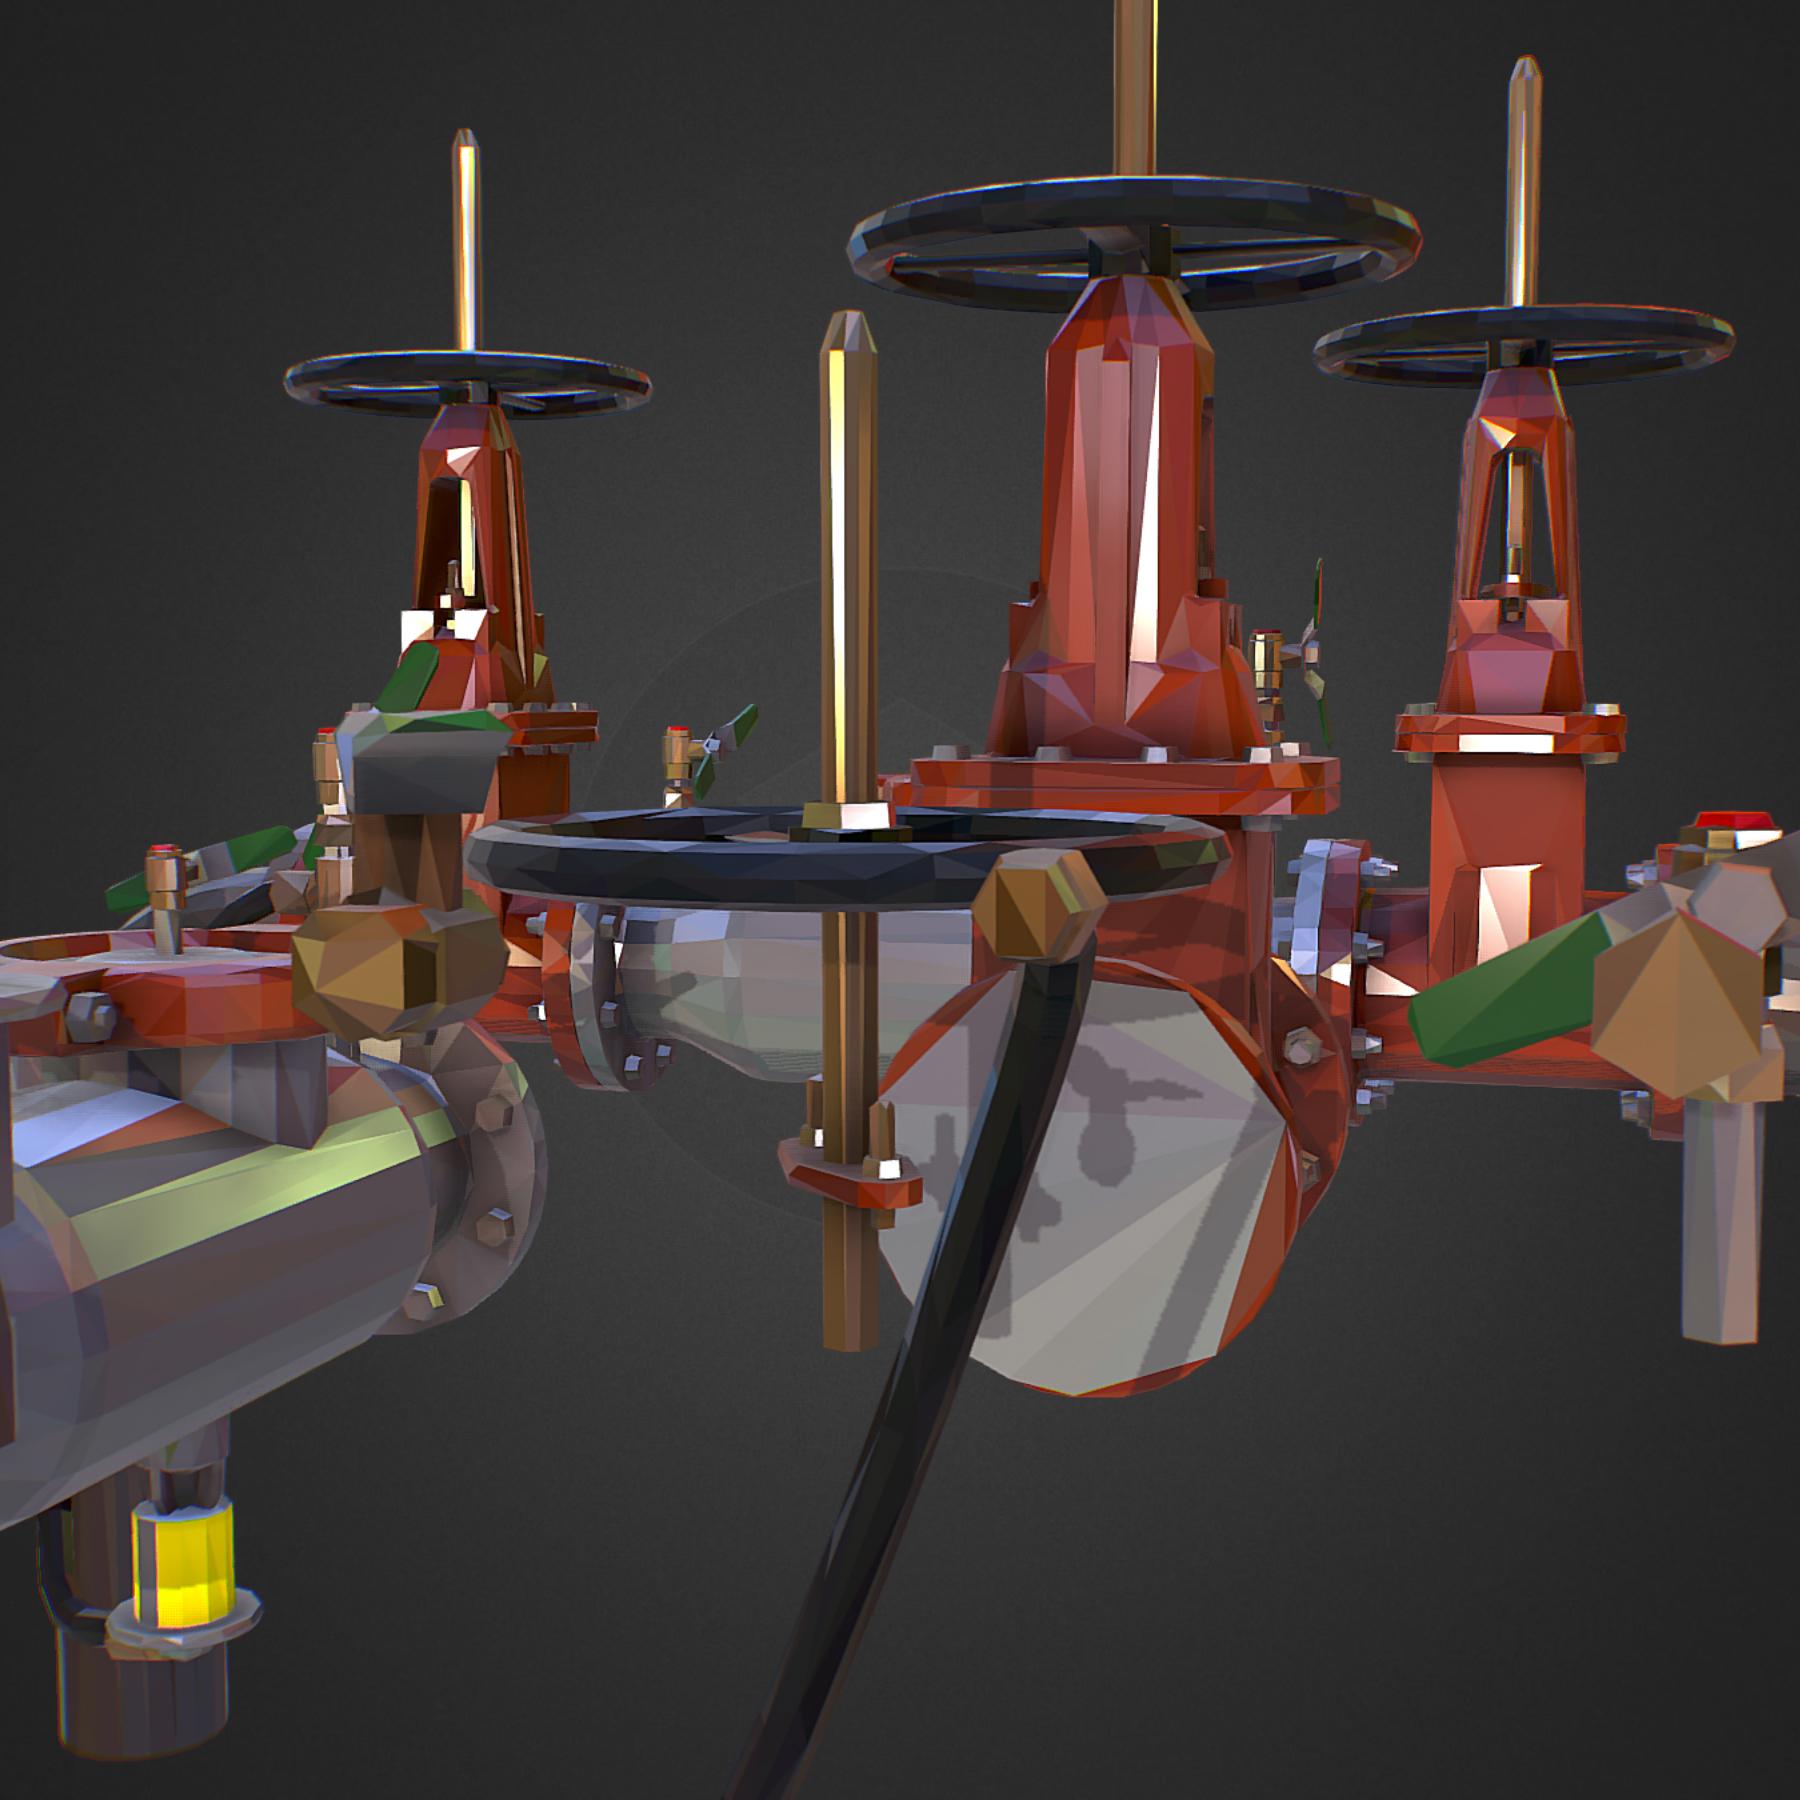 χαμηλός πολυεστιακός κατασκευαστής σωληνώσεων νερού επιστροφής ροής 3d max fbx ma mb tga targa icb vda vst pix obj 272560